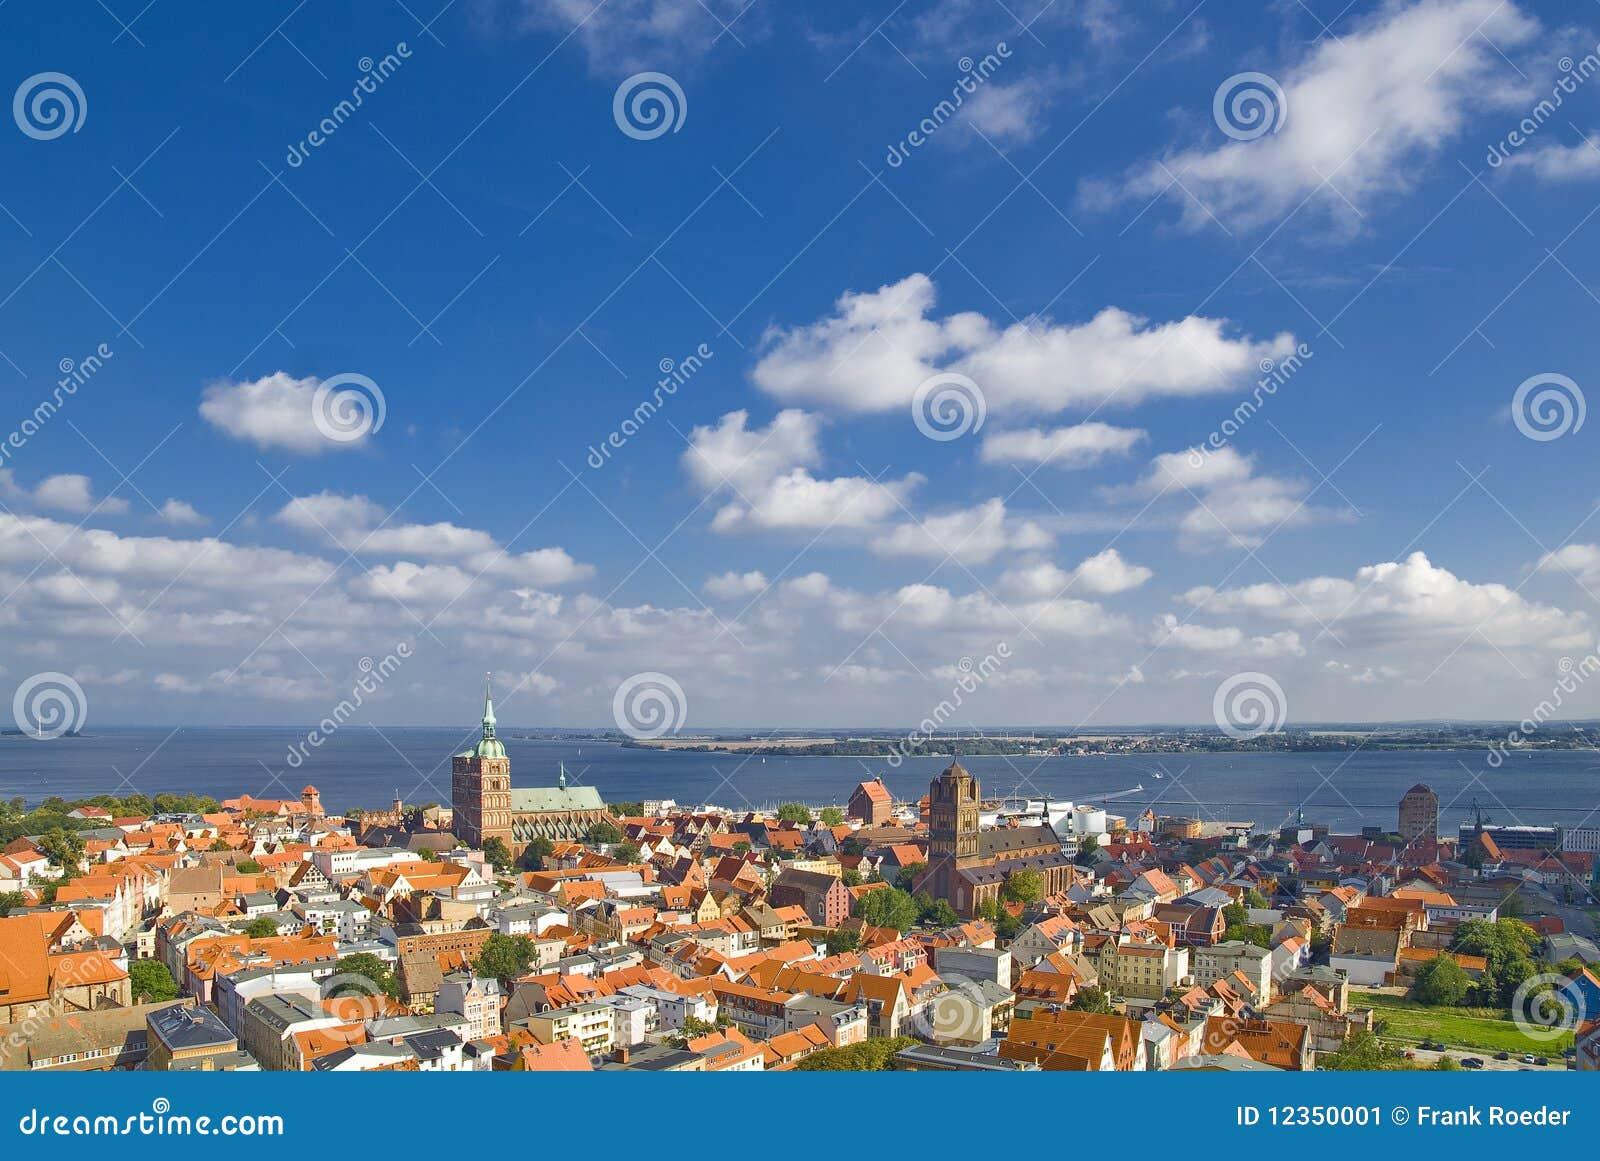 Look over Stralsund